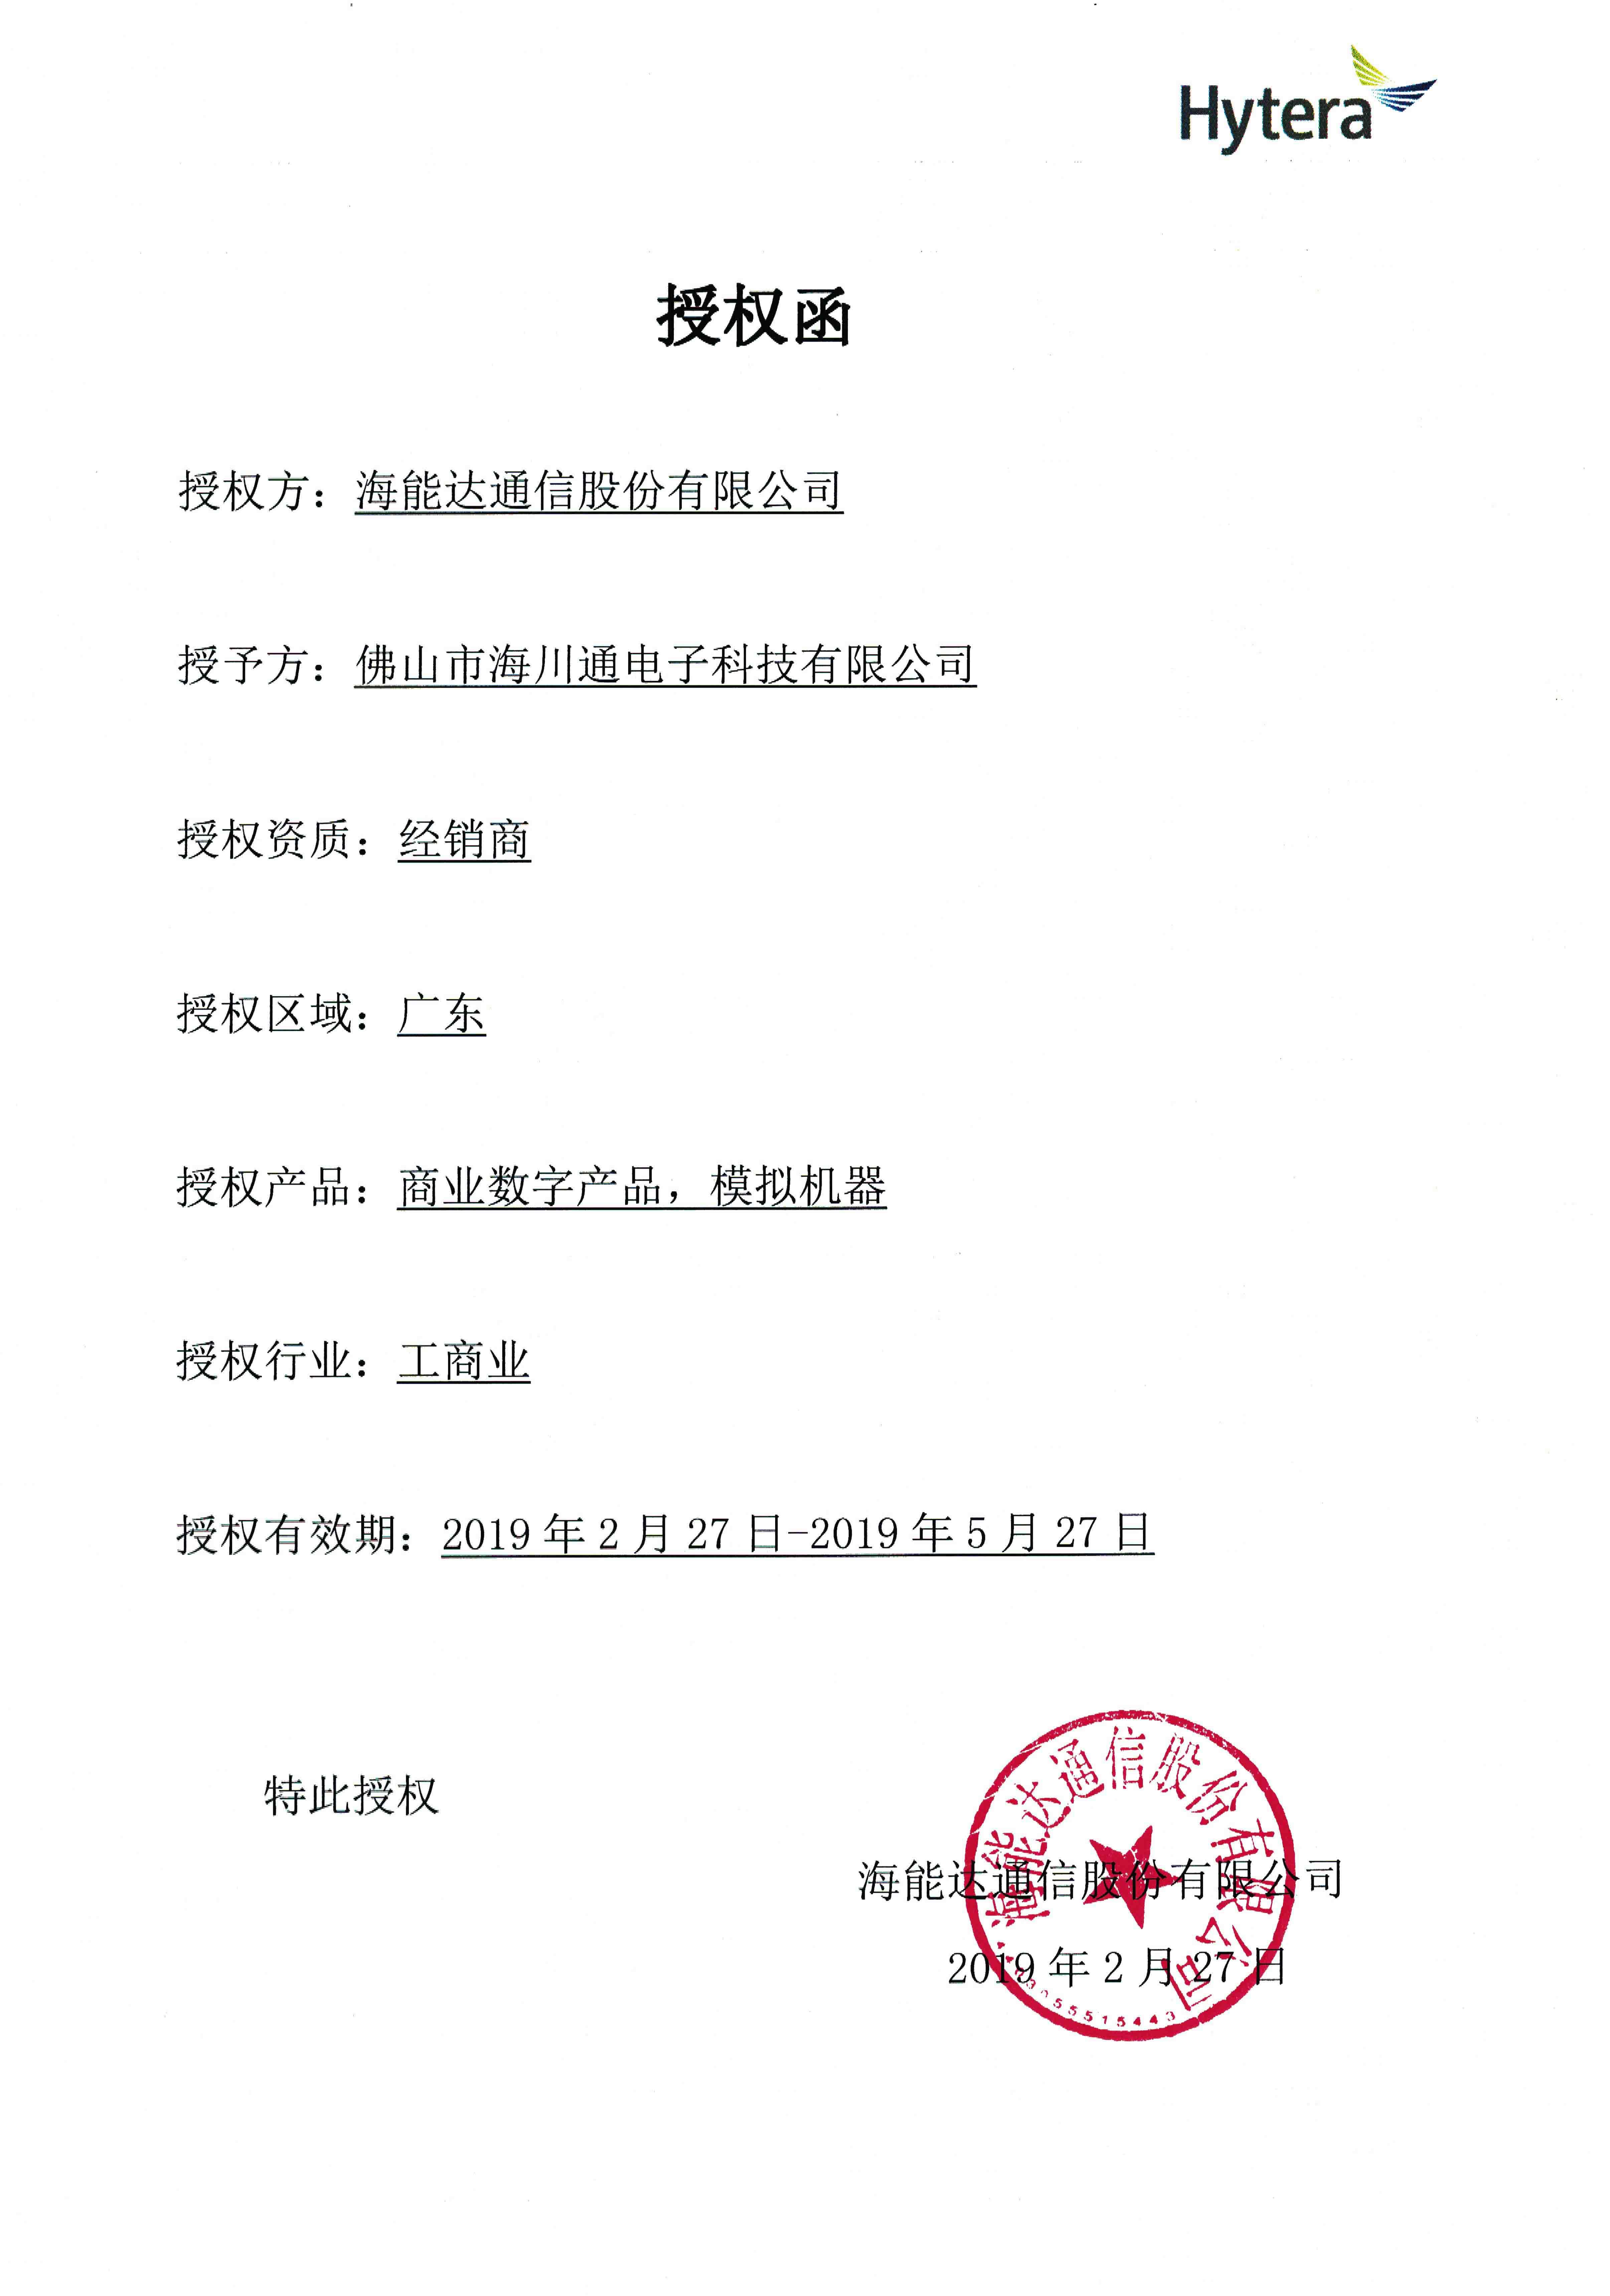 临时经销商证明2019.2-2019-5